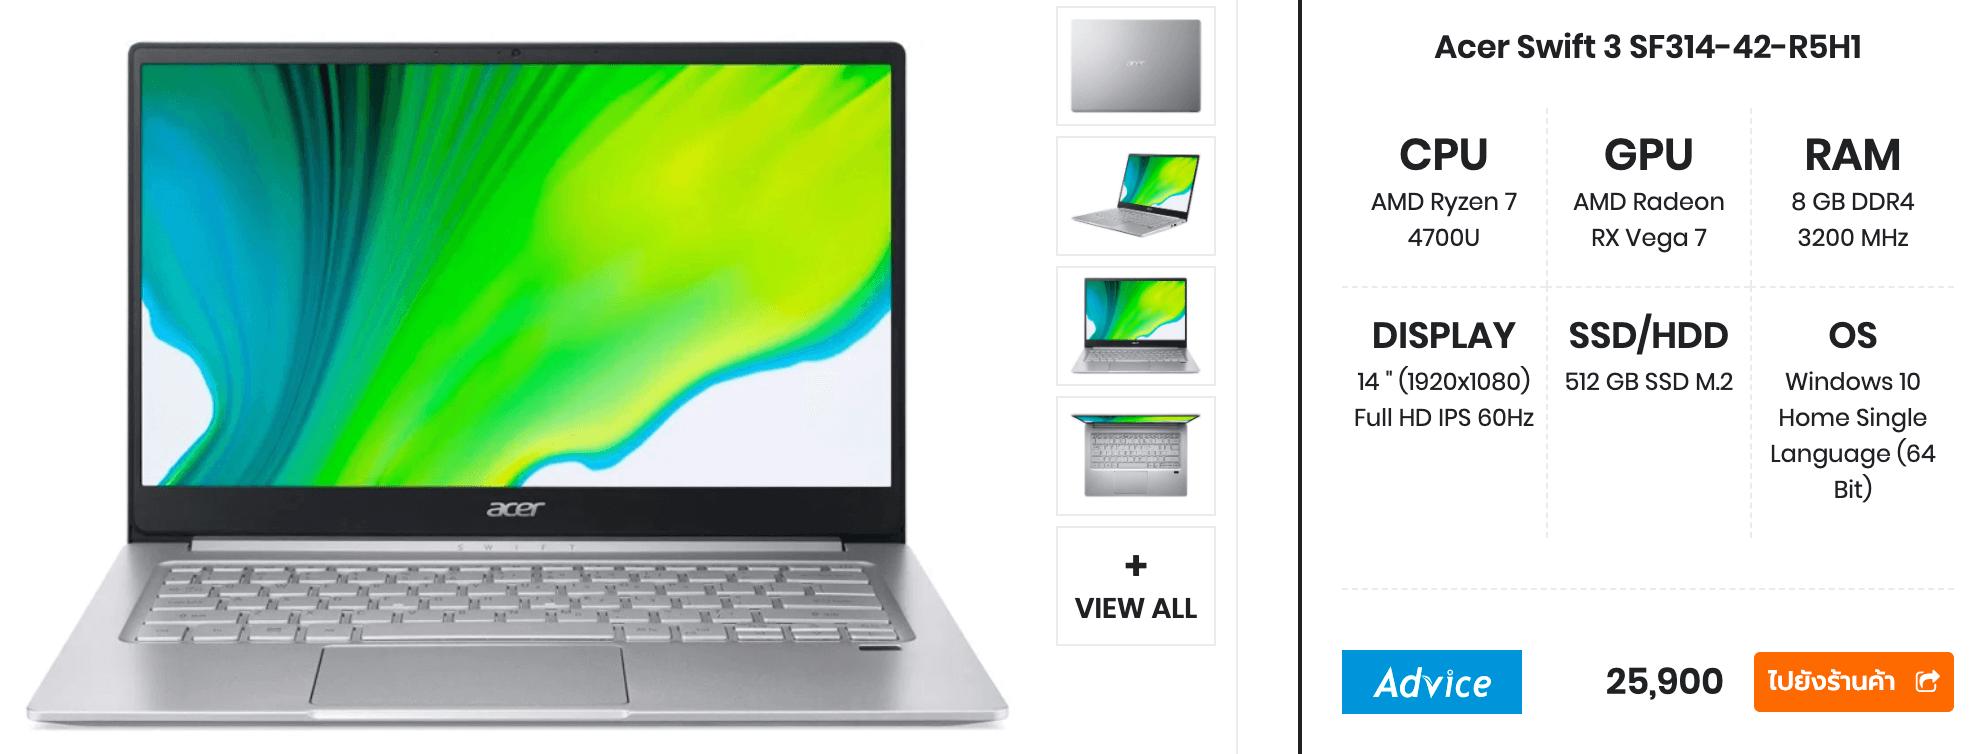 Acer Swift 3 SF314 42 R5H1